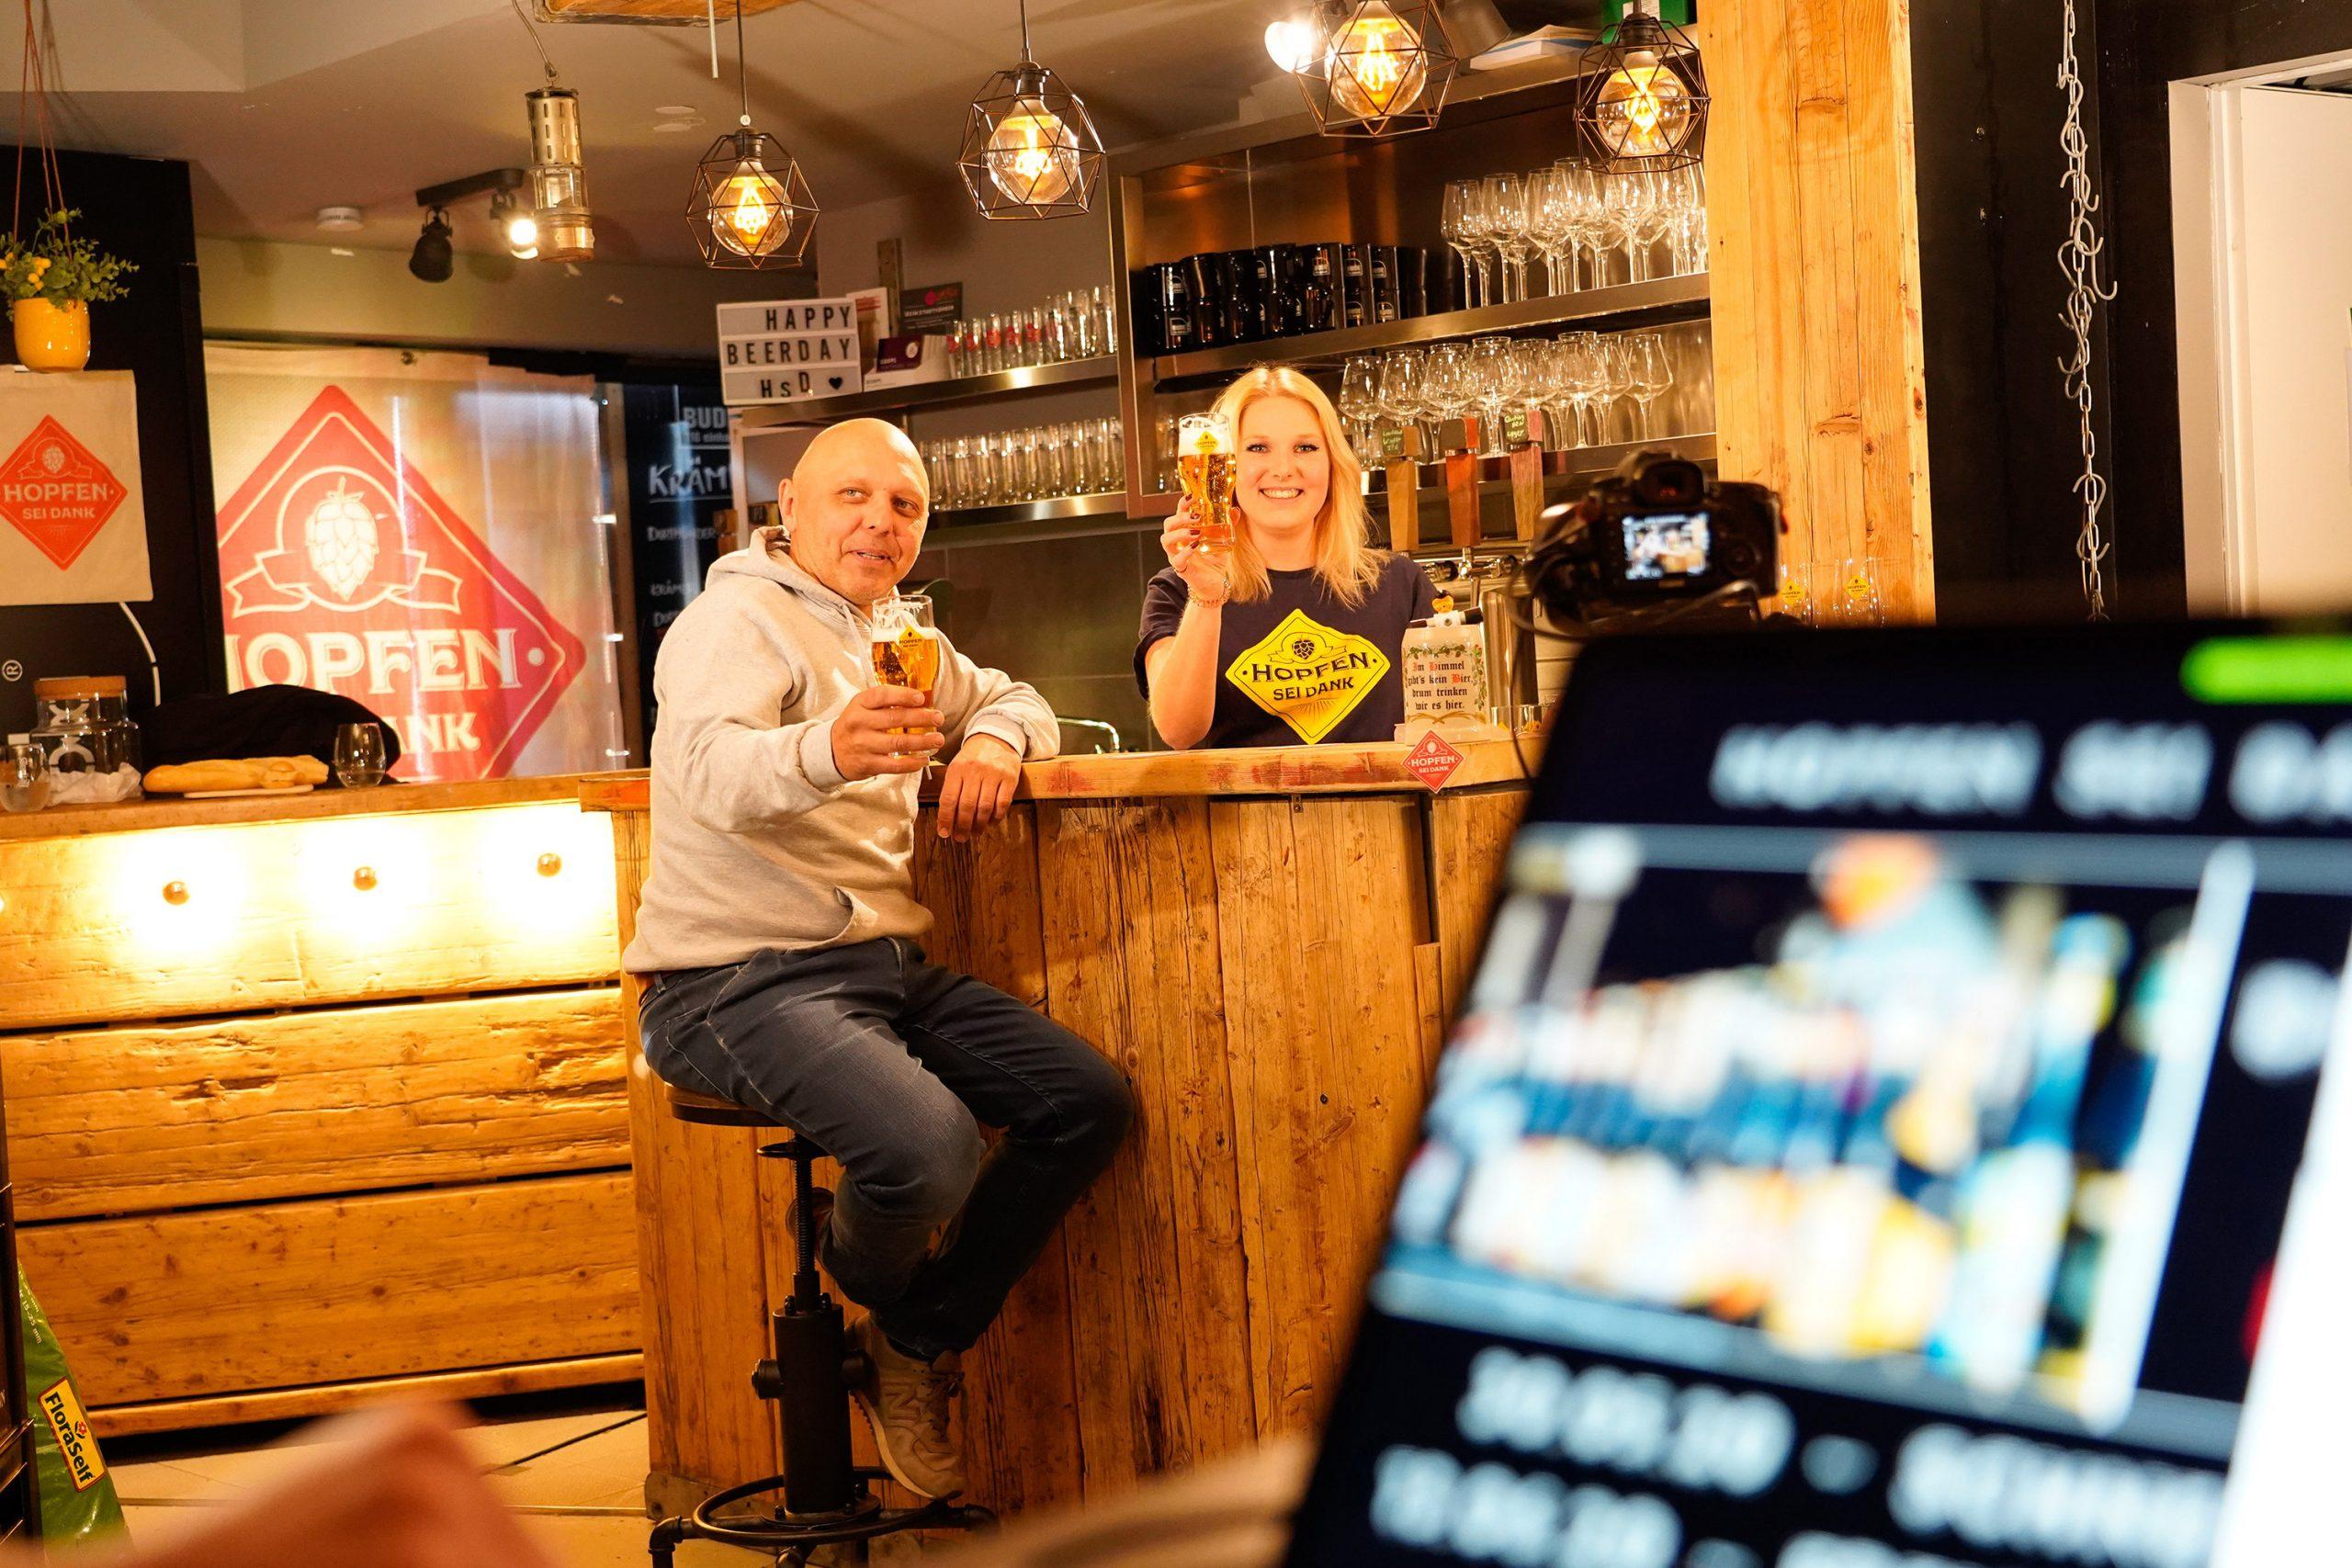 An der Theke sitzend Bier genießen